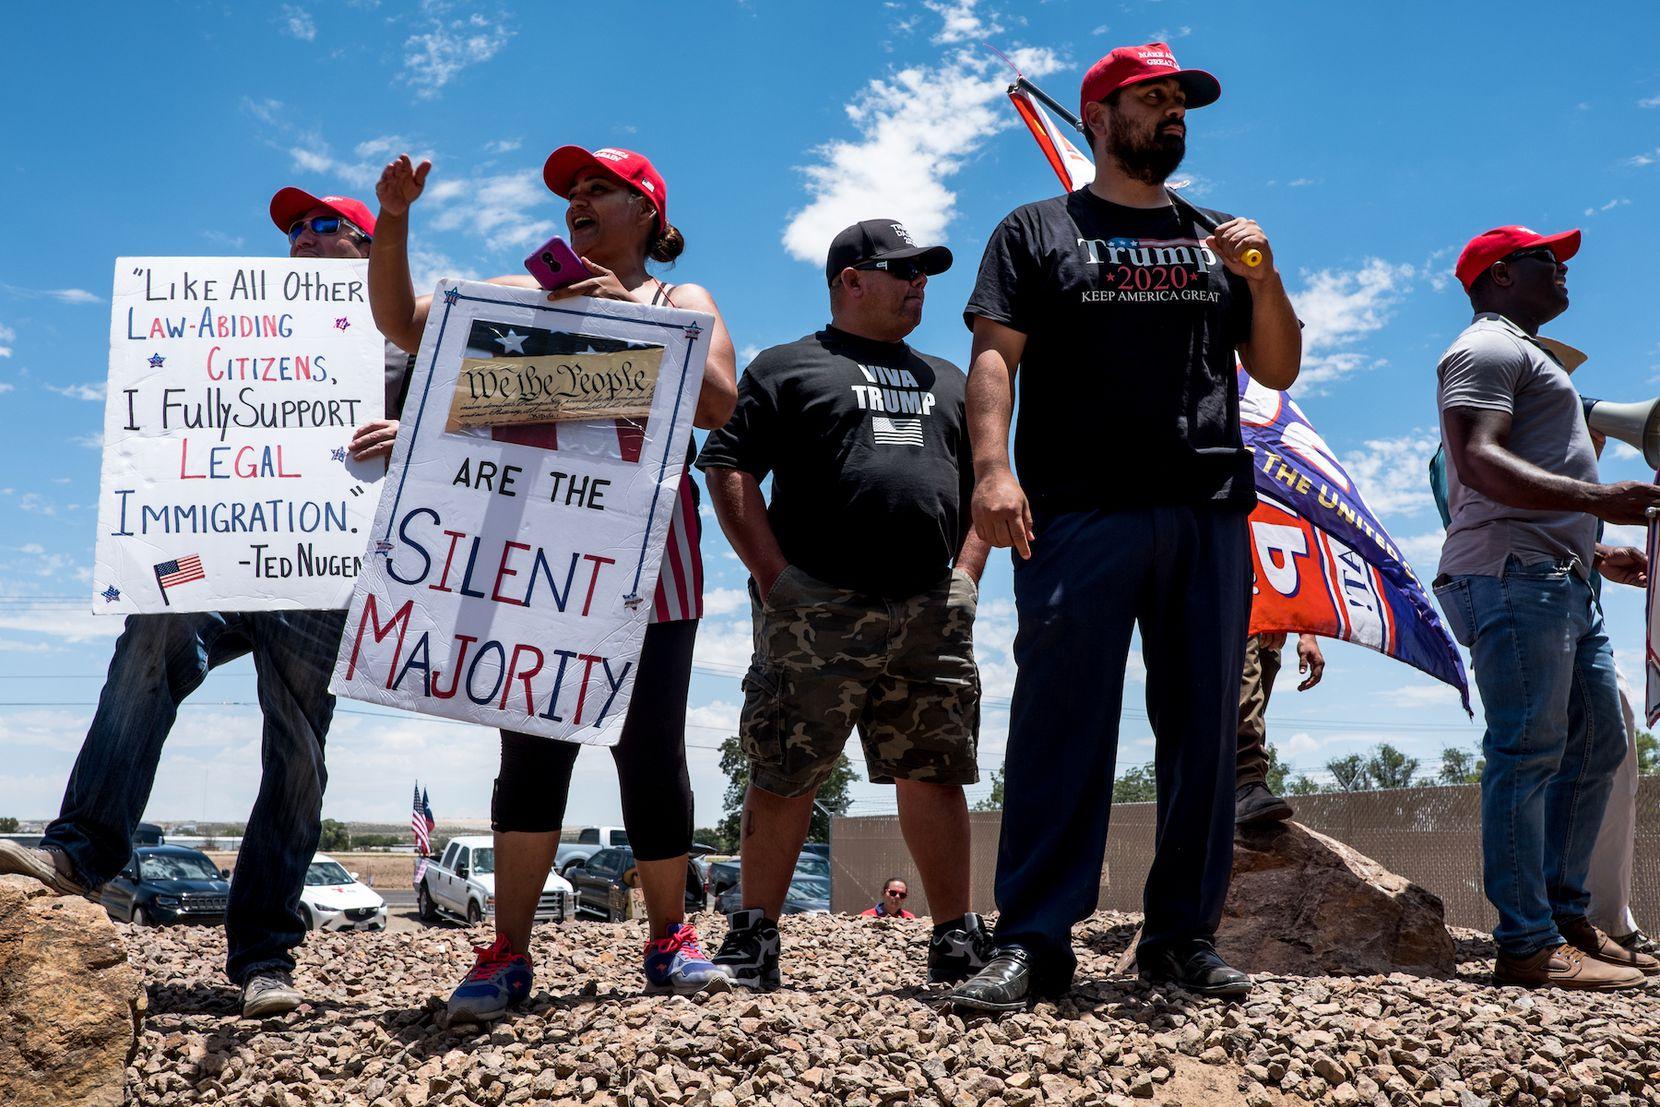 Personas que apoyan las políticas del presidente Donald Trump protestaron la visita de legisladores demócratas al centro de detención para menores migrantes en Clint, Texas. (Joel Angel Juárez/Colaborador especial DMN)